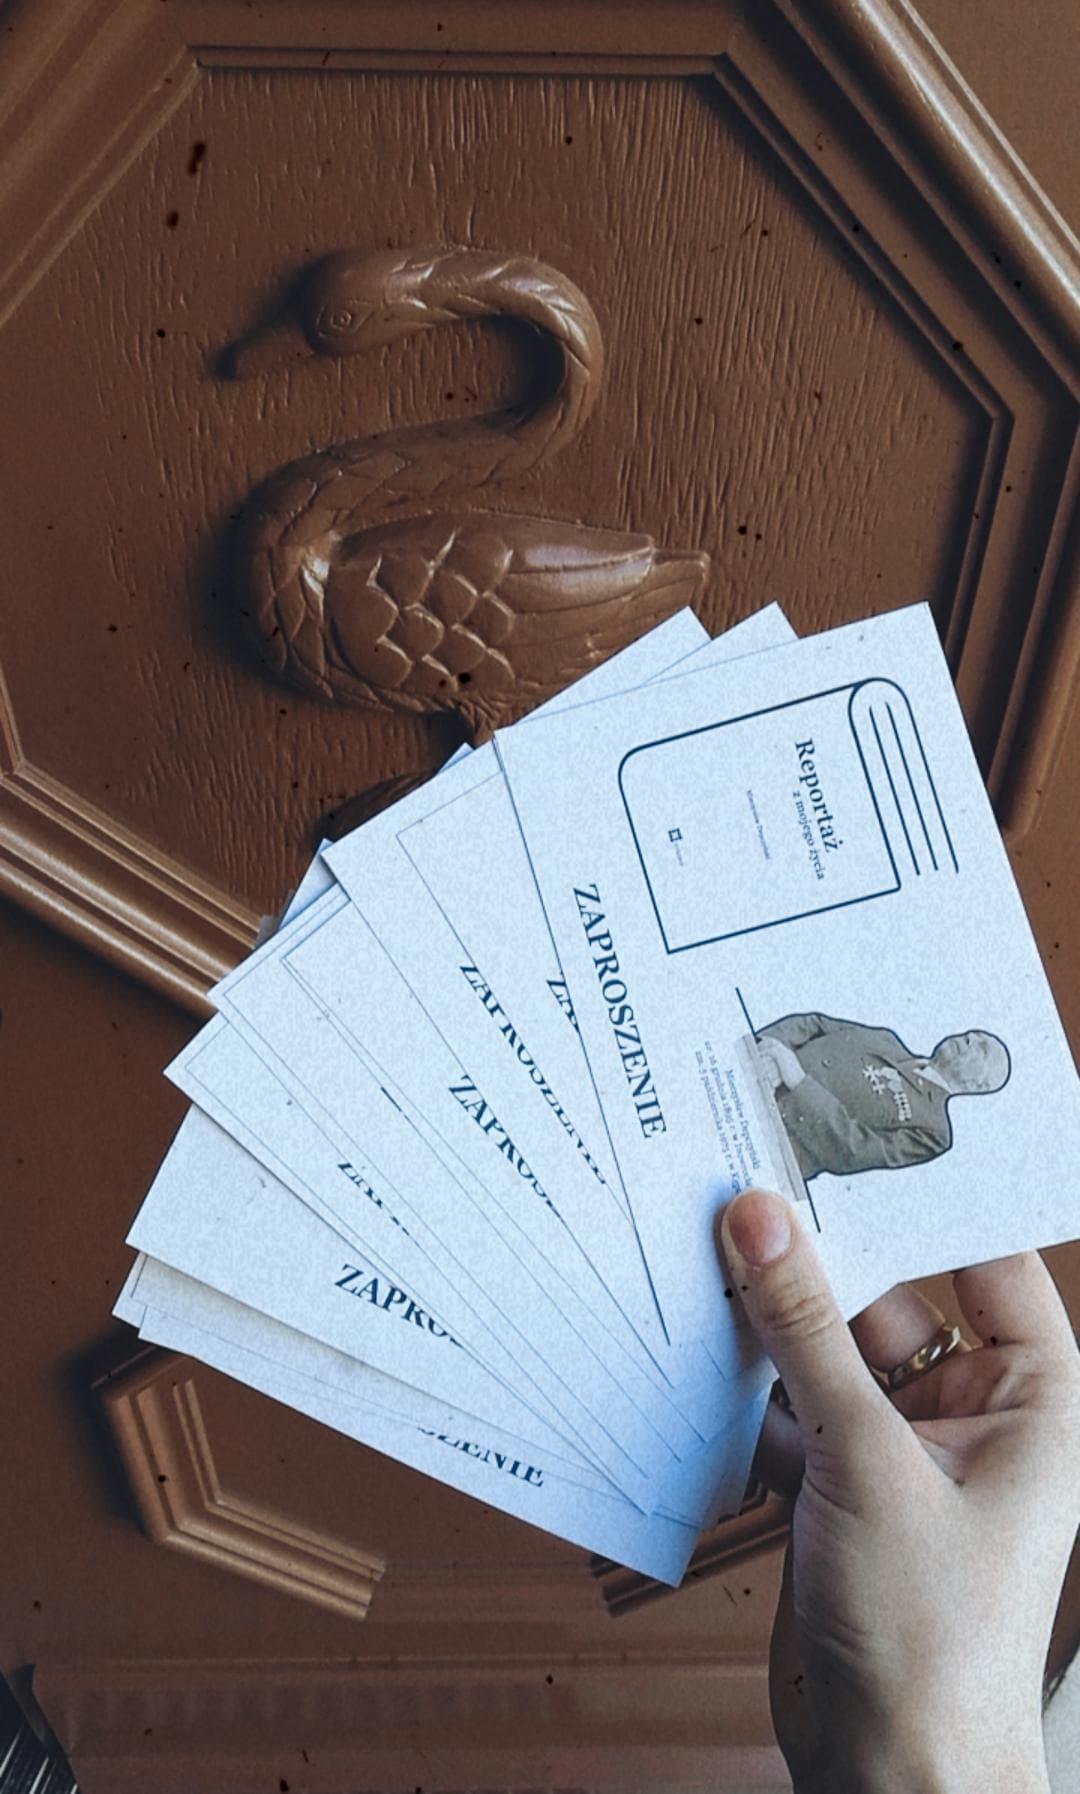 Zdjęcie trzymanych w ręku zaproszeń na wydarzenie promocji publikacji M. Depczyńskiego po prawej stronie fotografia autora po lewej rysunek ksiązki w tle na drzwiach znajduje sięłabędź